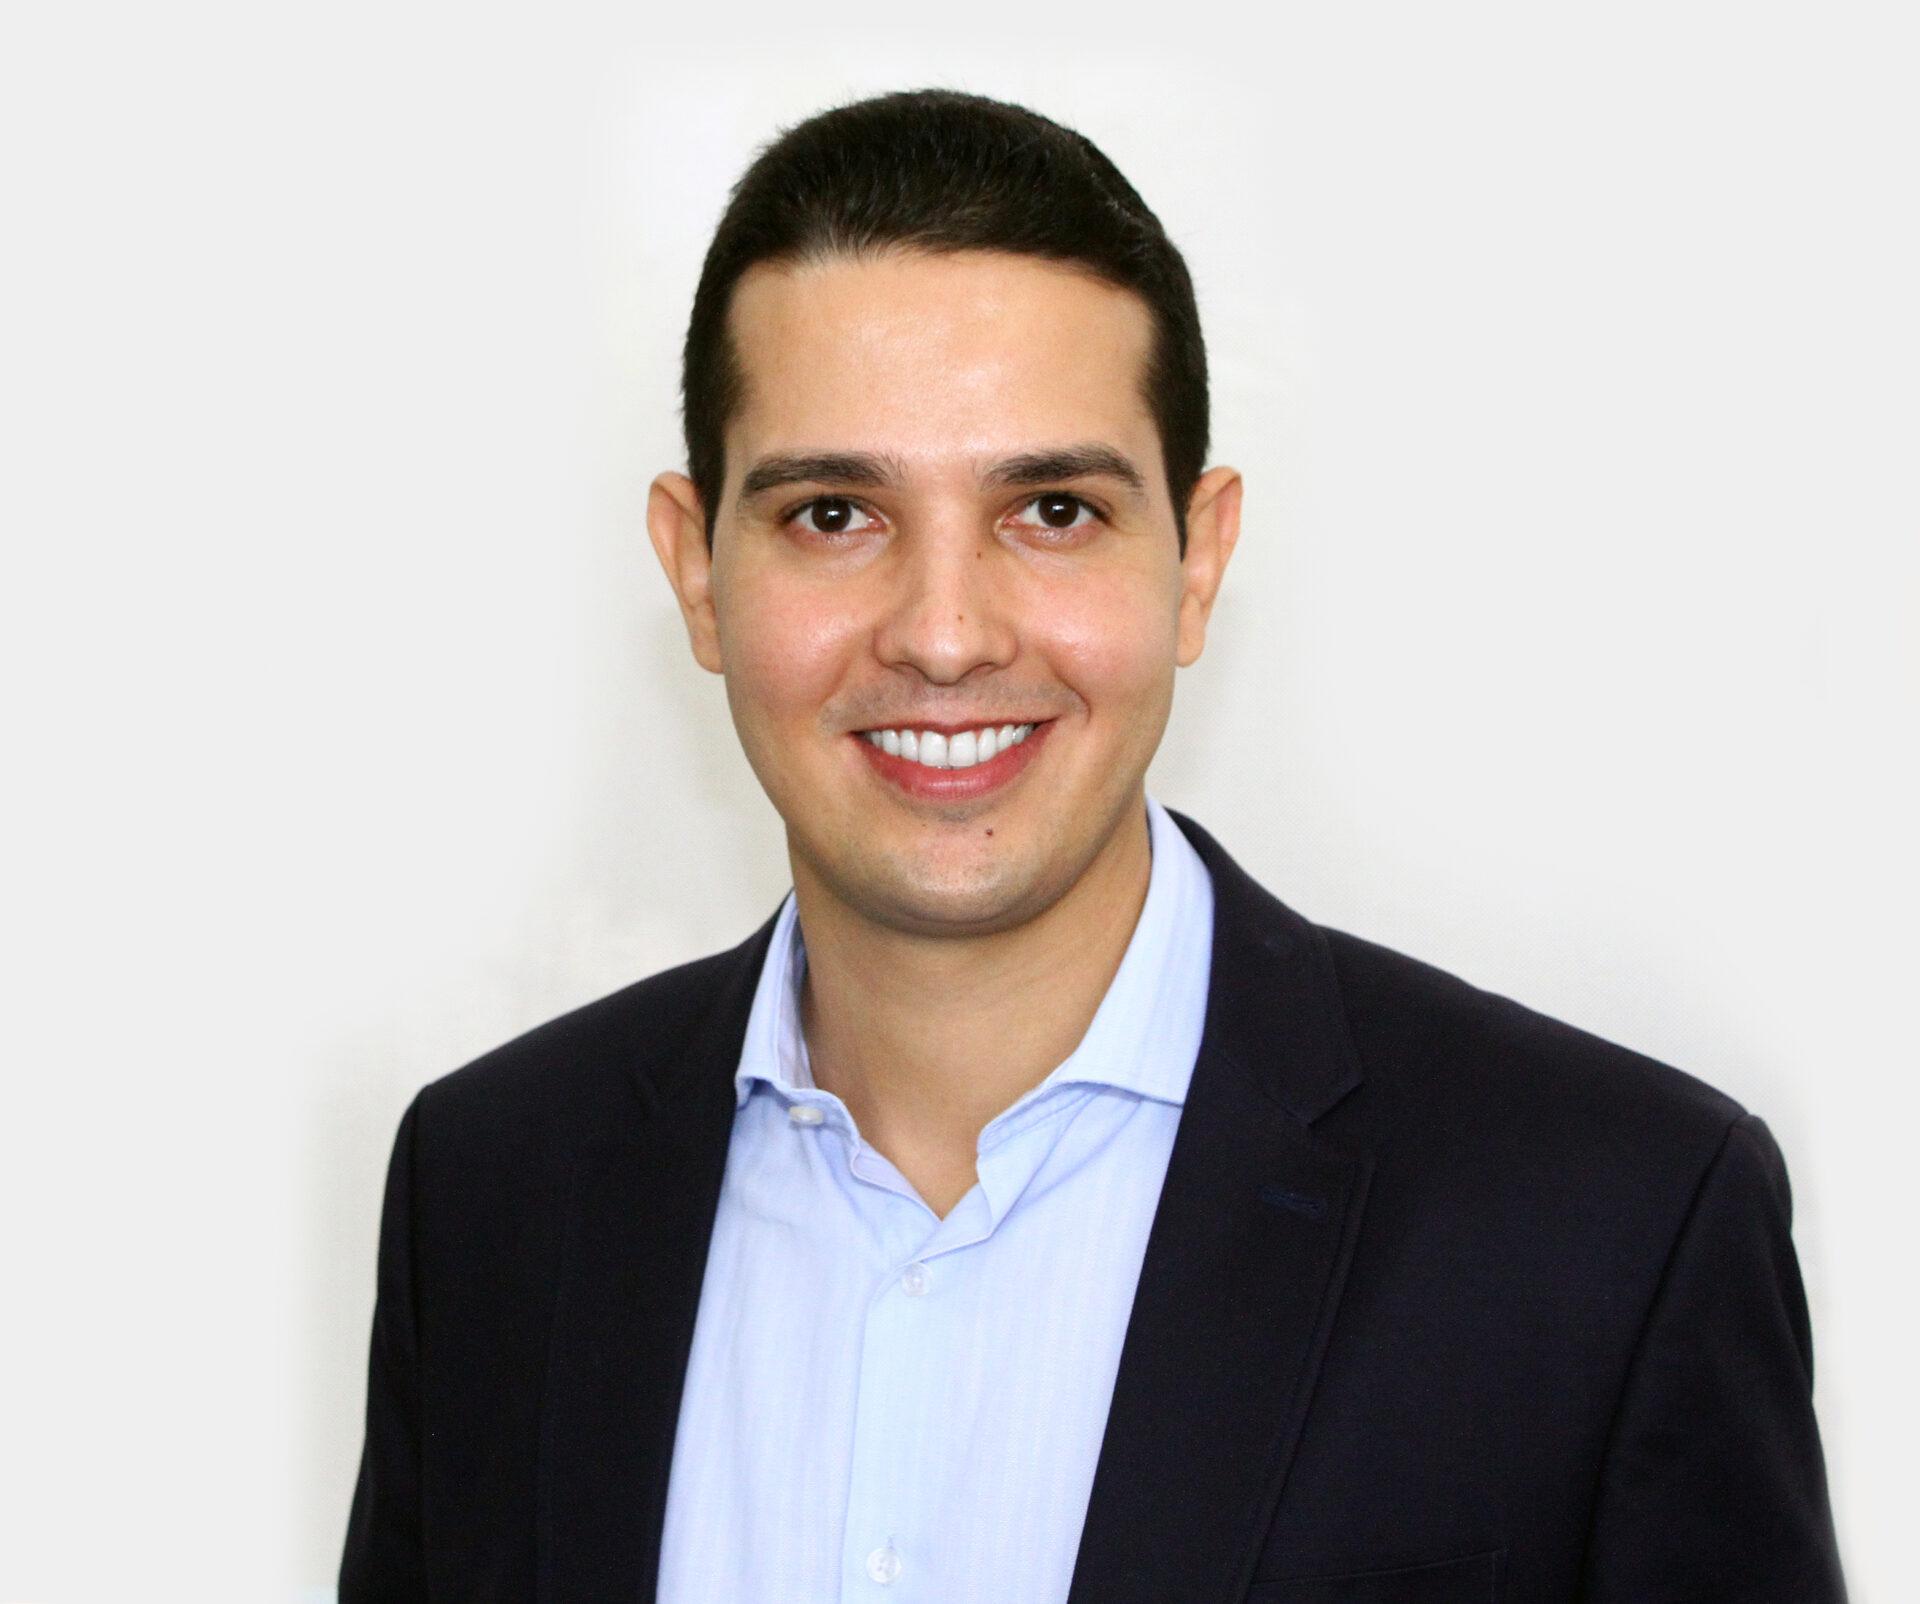 José Antônio Da Silva Netto